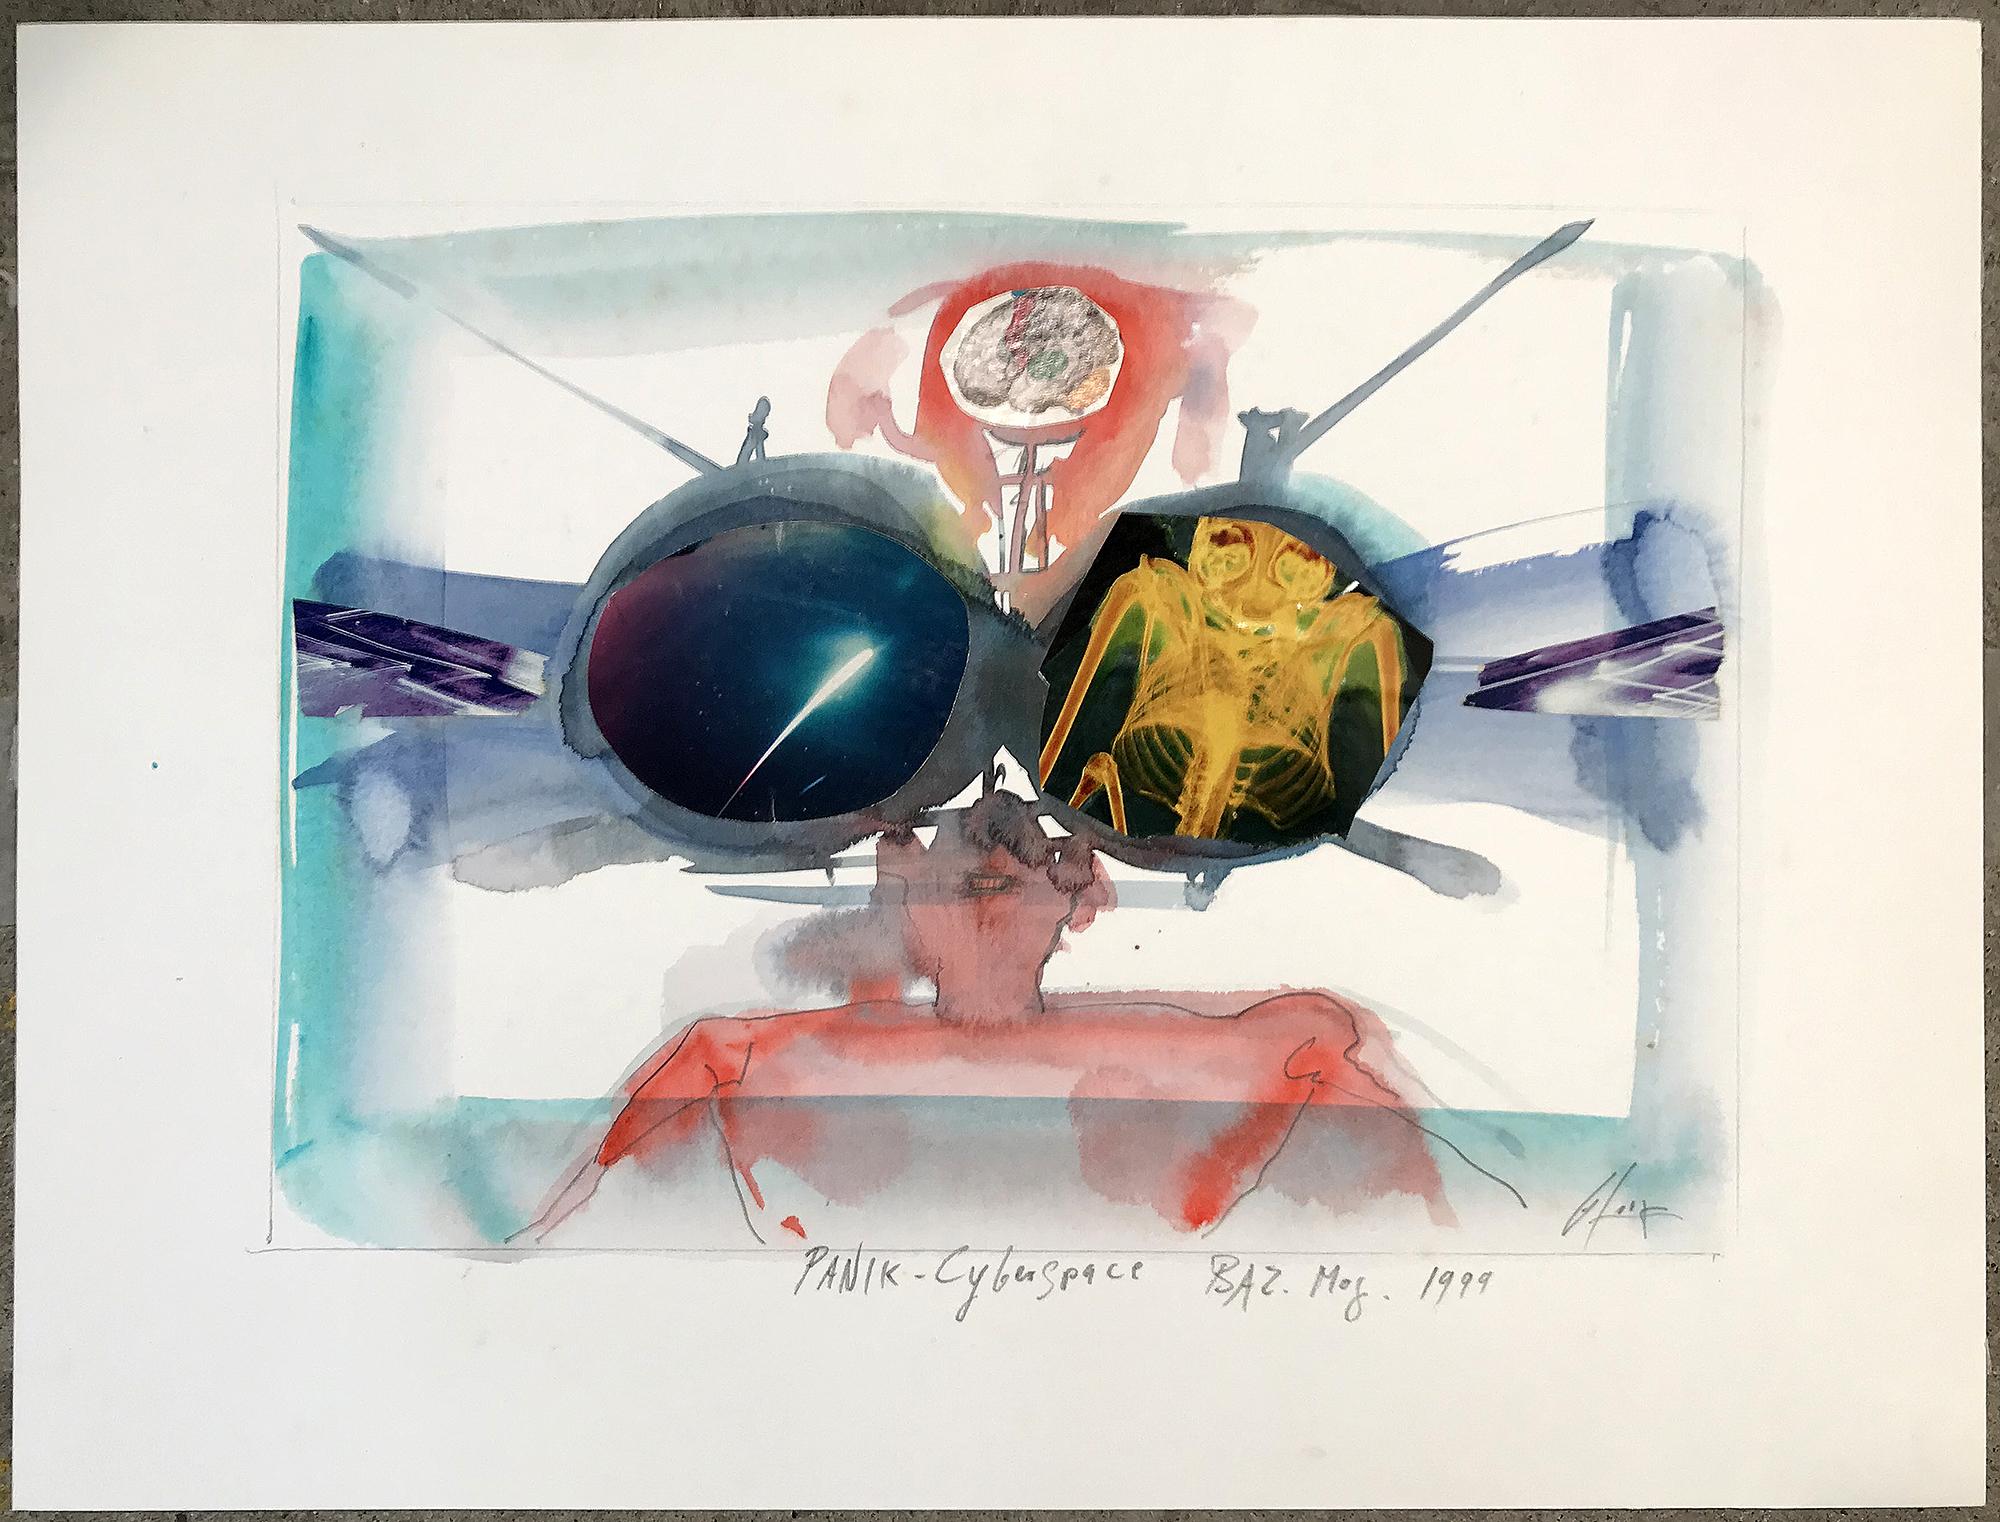 Panik-Cyberspace, 1999, Mischtechnik auf Zeichenpapier, 30 x 21 cm, ohne Rahmen